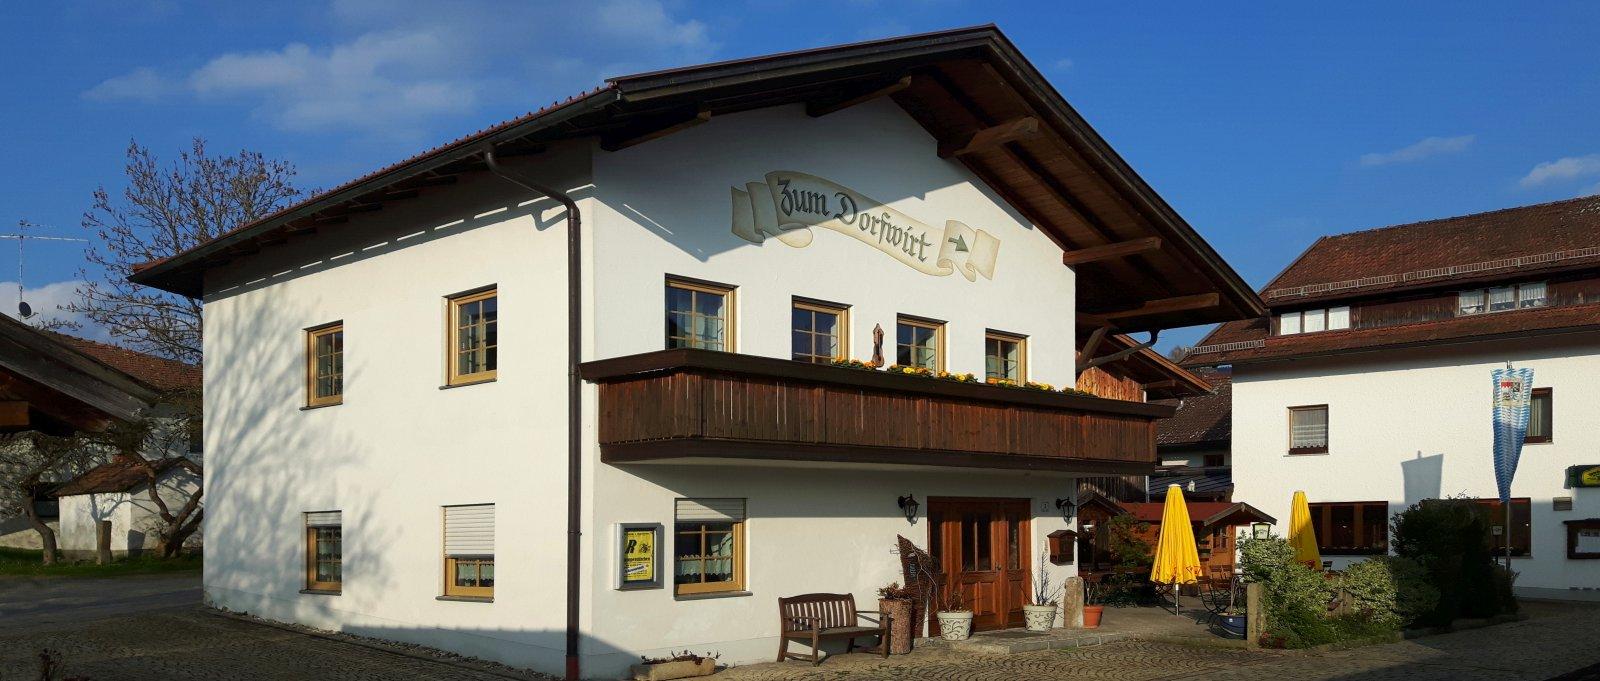 wieser-ferienwohnung-arnbruck-ferienhaushausansicht-panorama